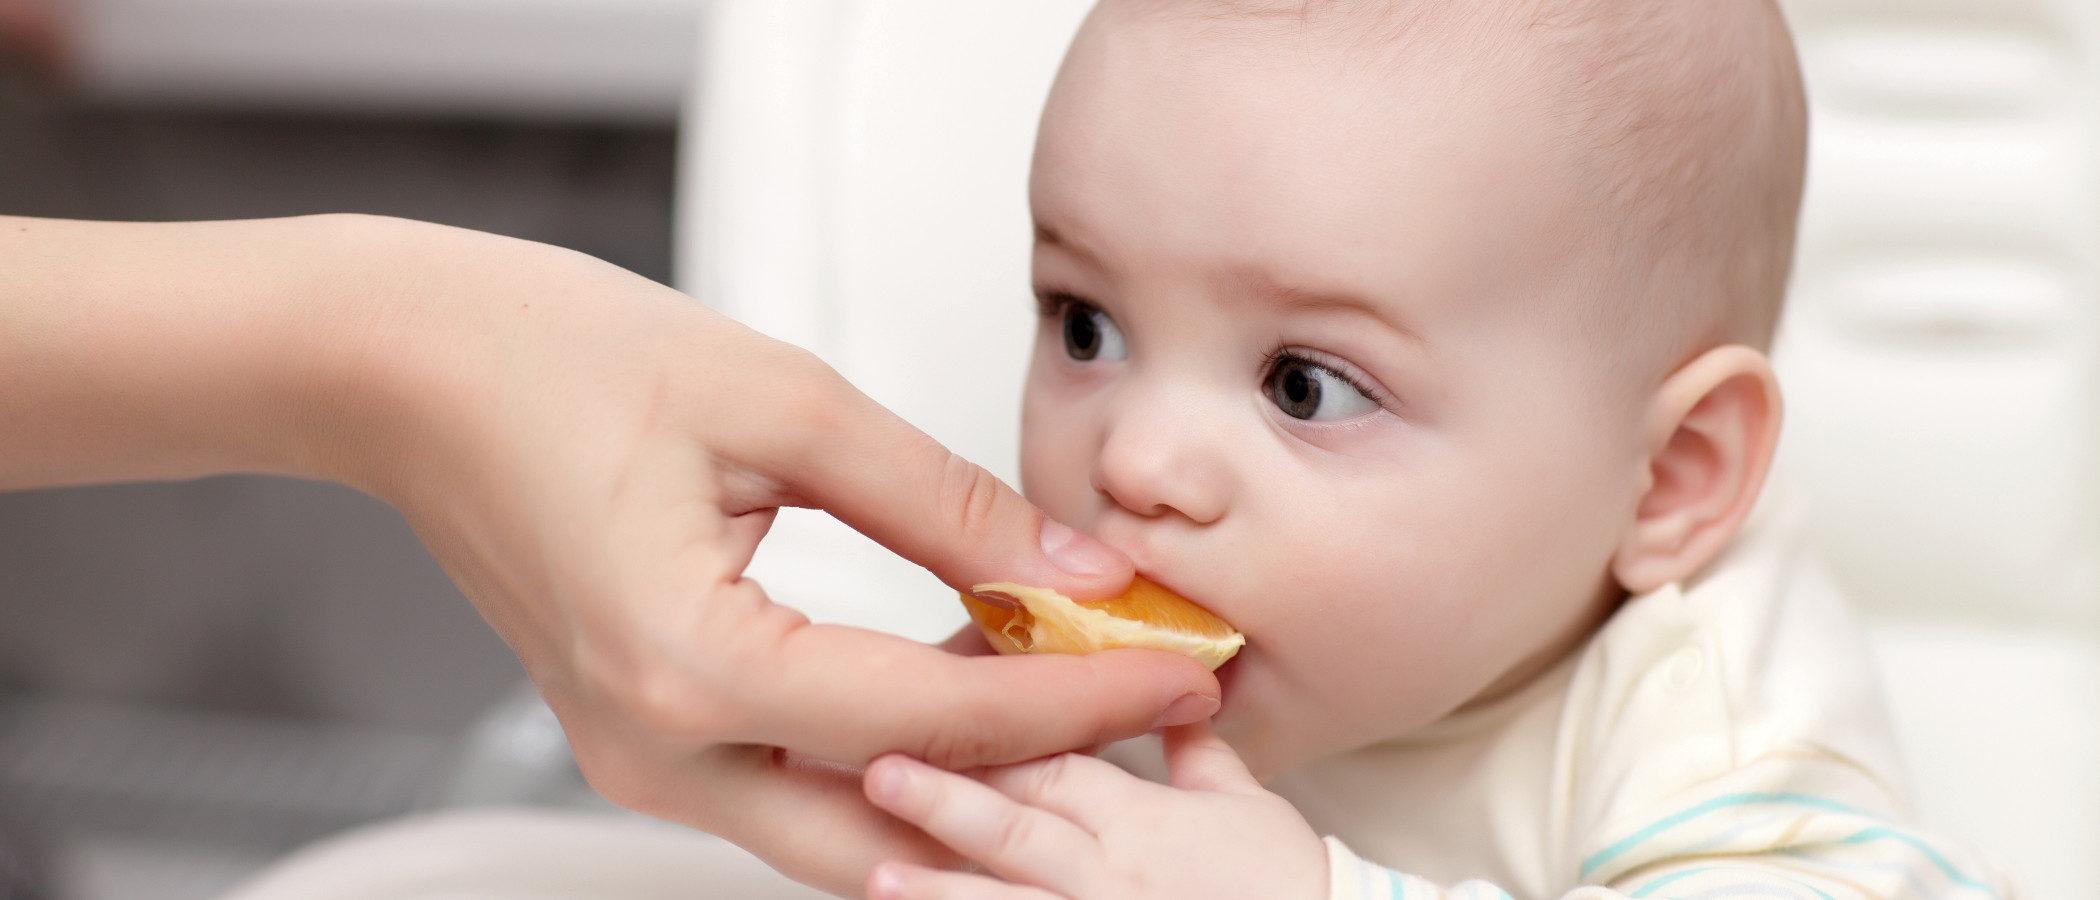 Suplementos de vitaminas para niños y bebés, ¿son necesarios?